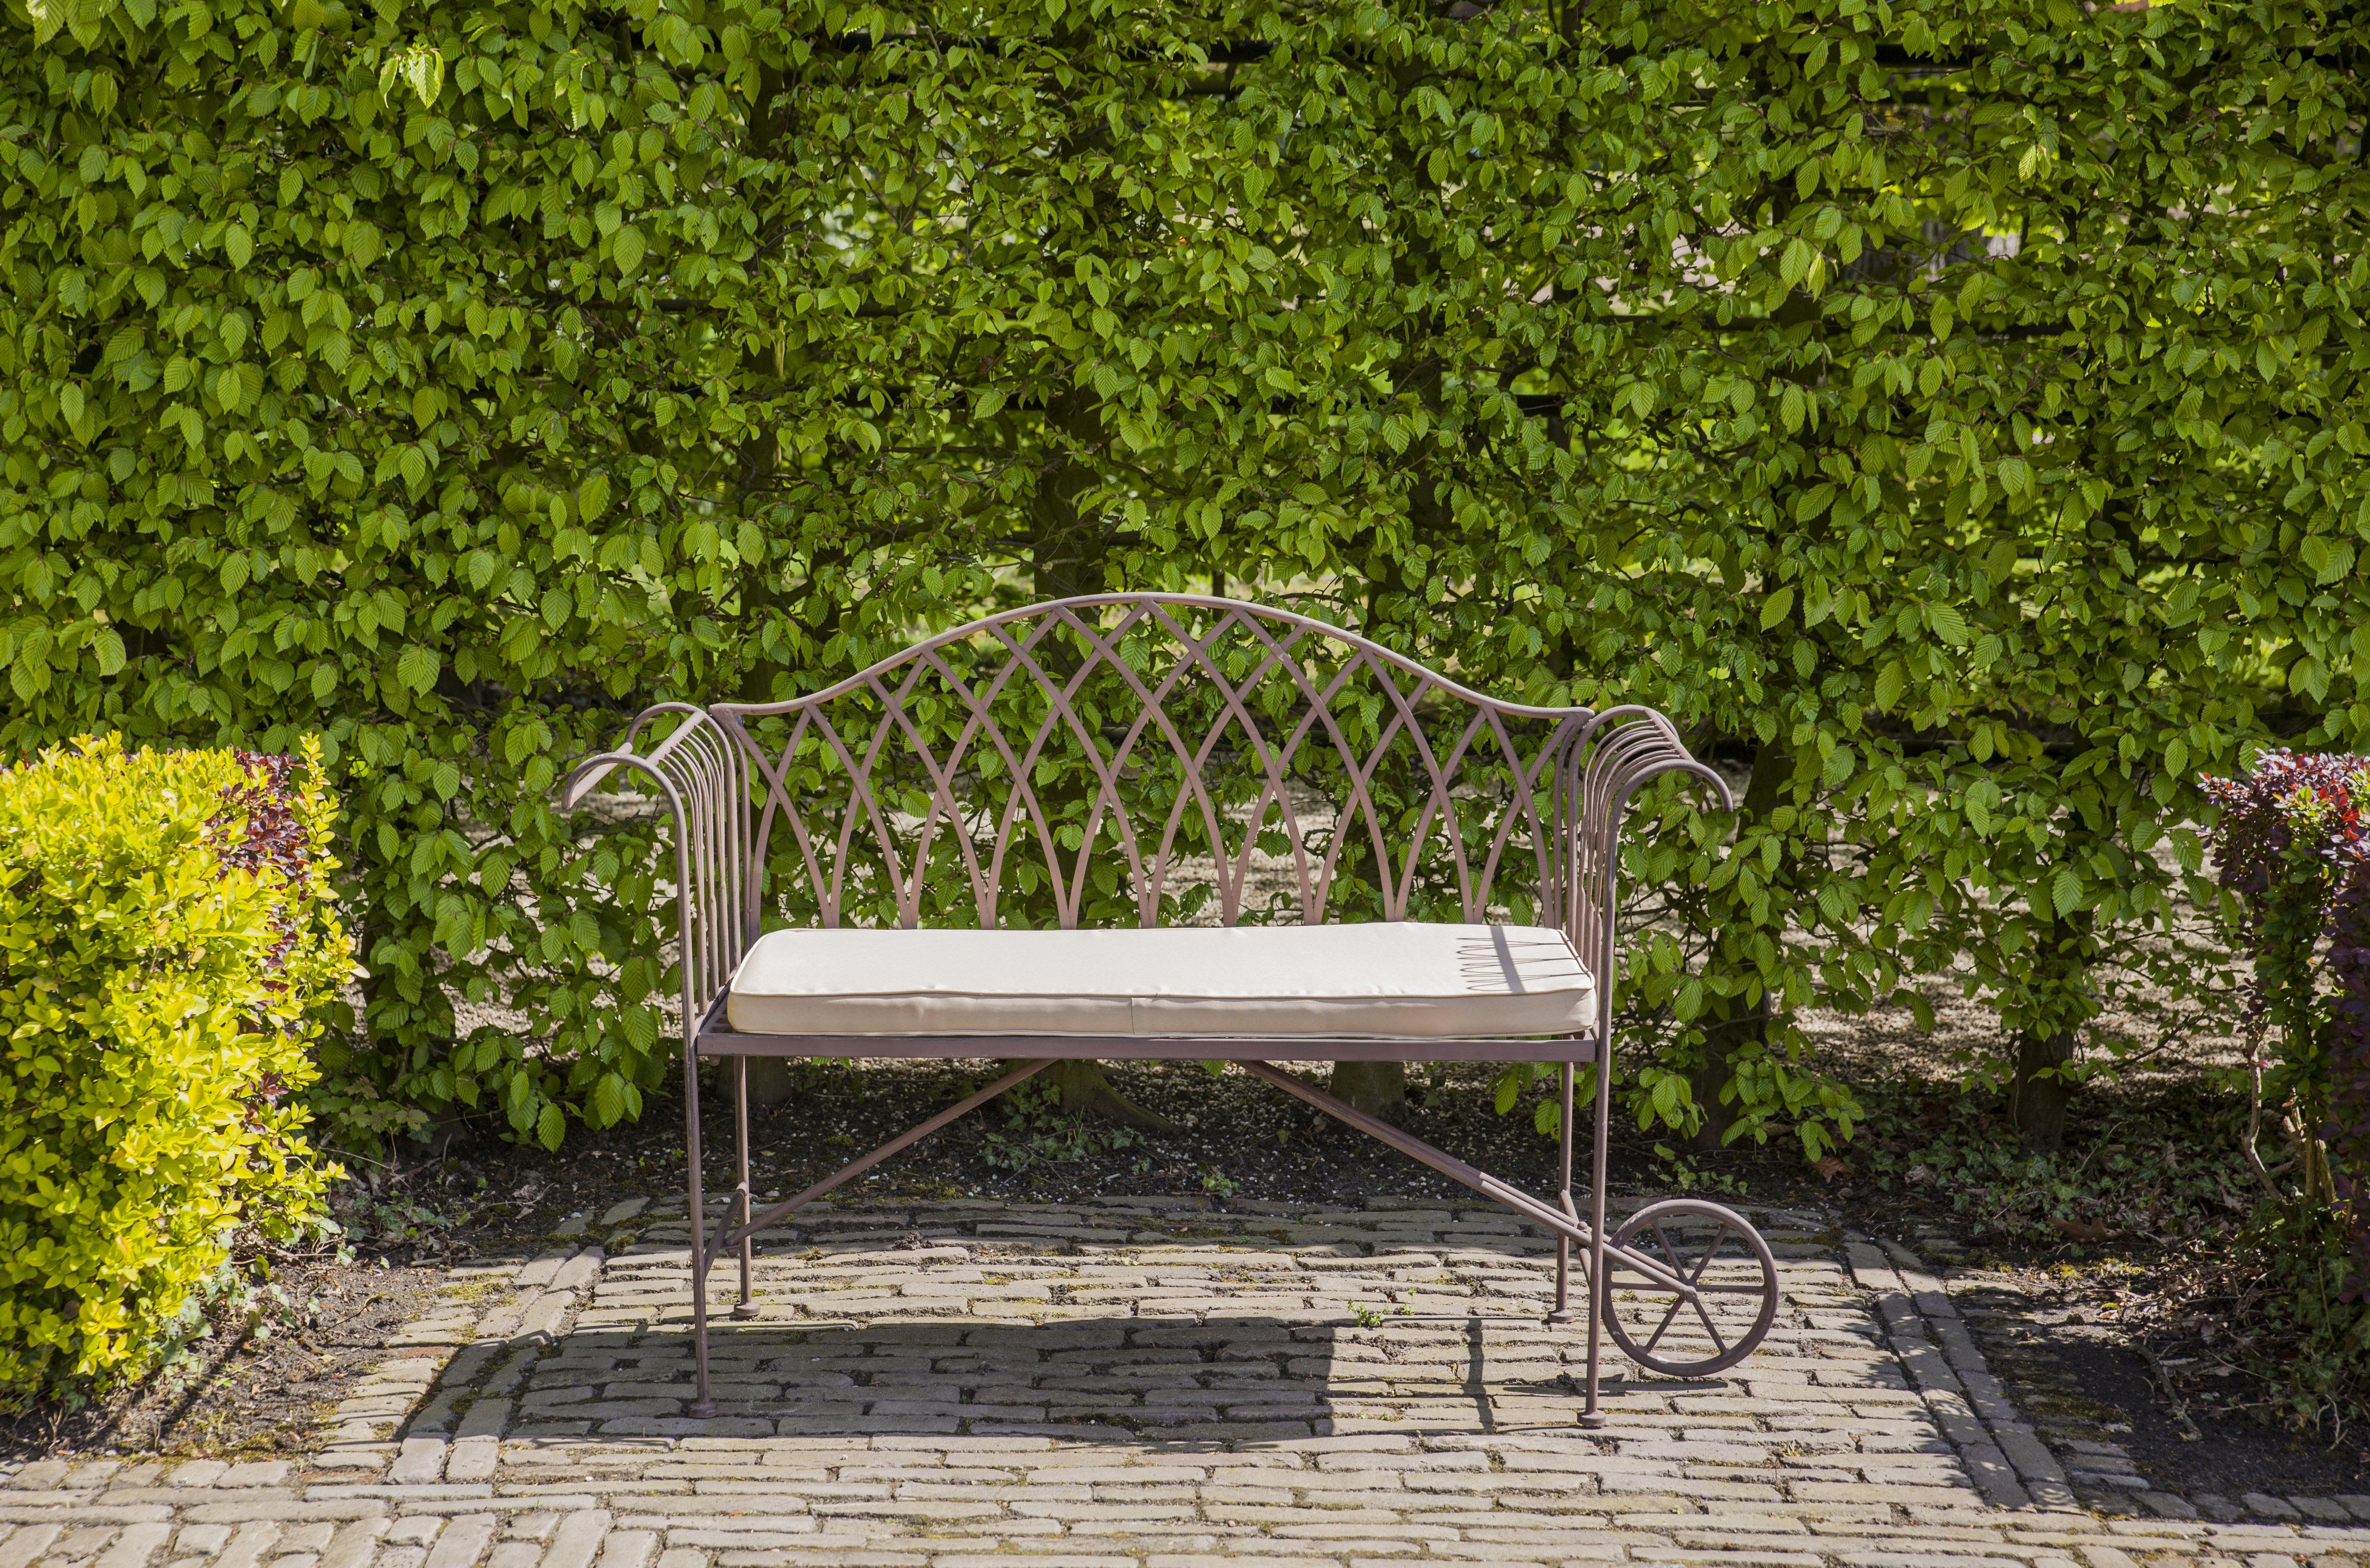 Kupolás kerti pad vagy traktor asztal? Romantikus klasszikus, vagy modern designos? Te hogyan rendeznéd be kertedet?